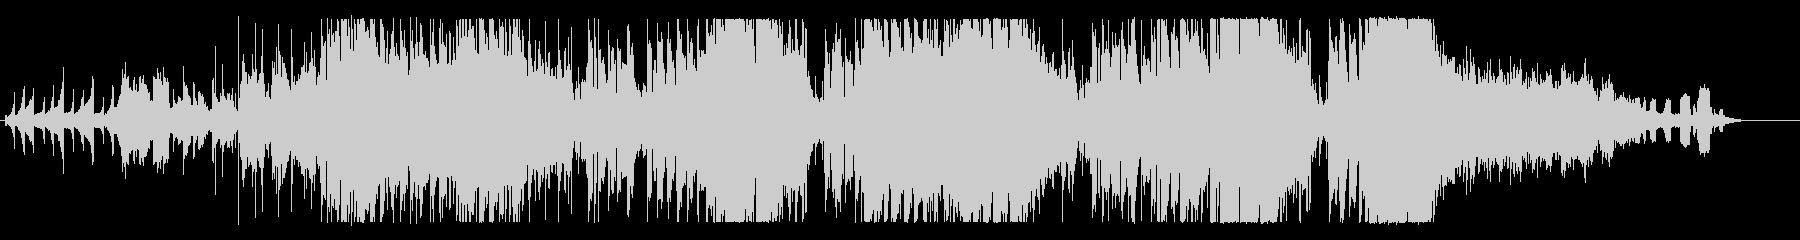 オシャレな定番のバースデーソングの未再生の波形